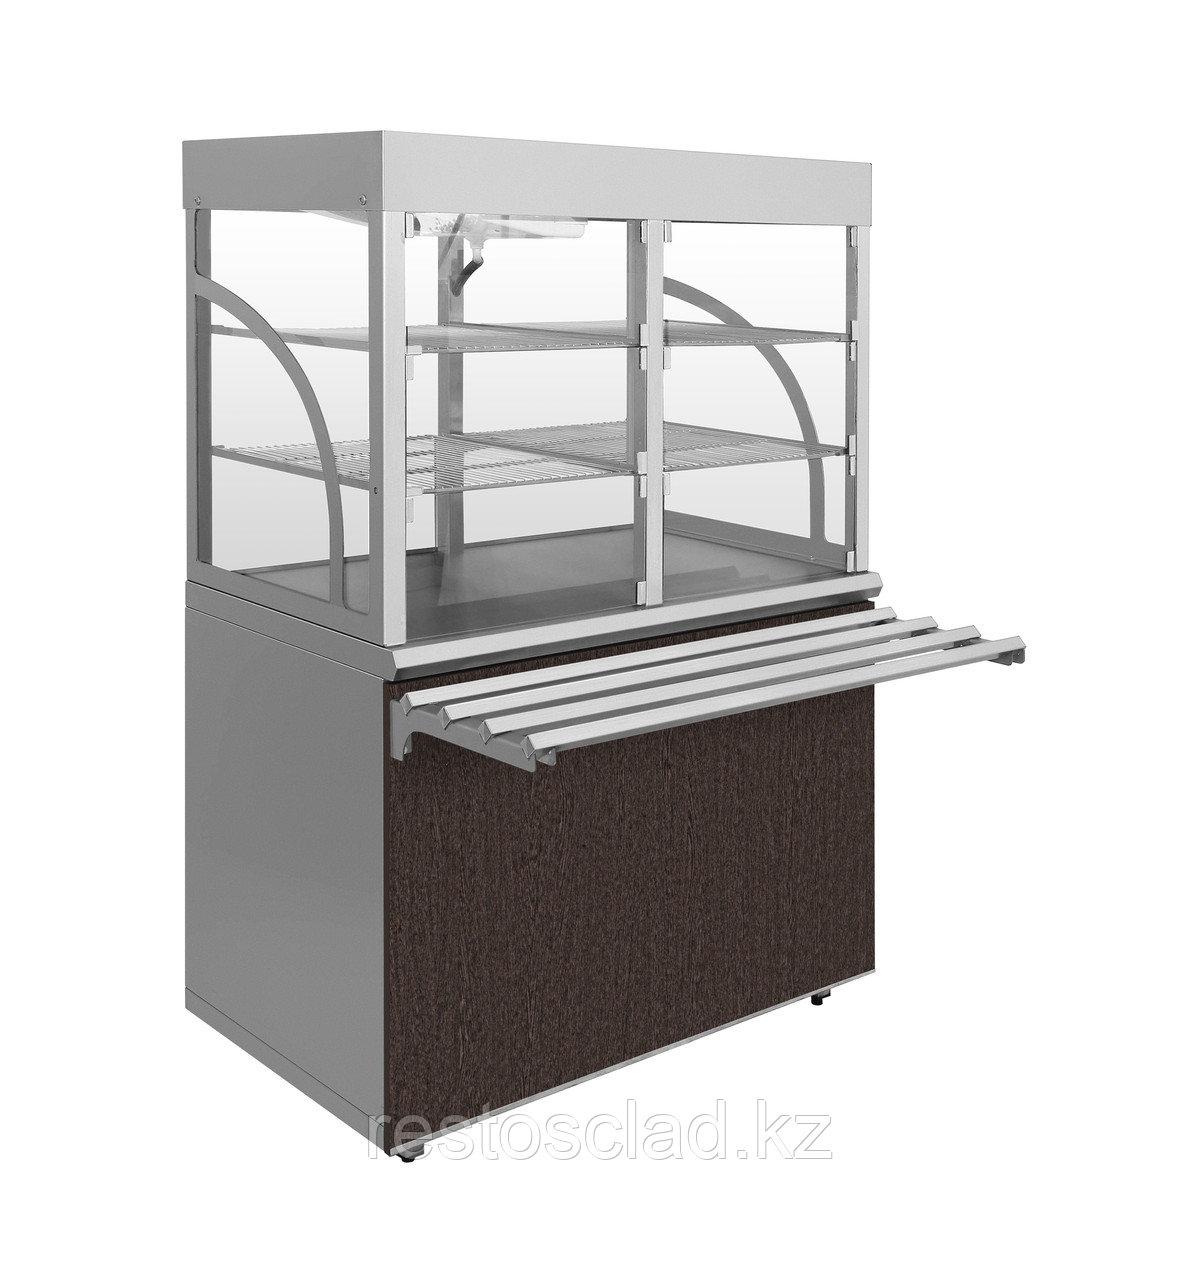 Прилавок холодильный Luxstahl ПХ-1200 (7 вариантов цветов)